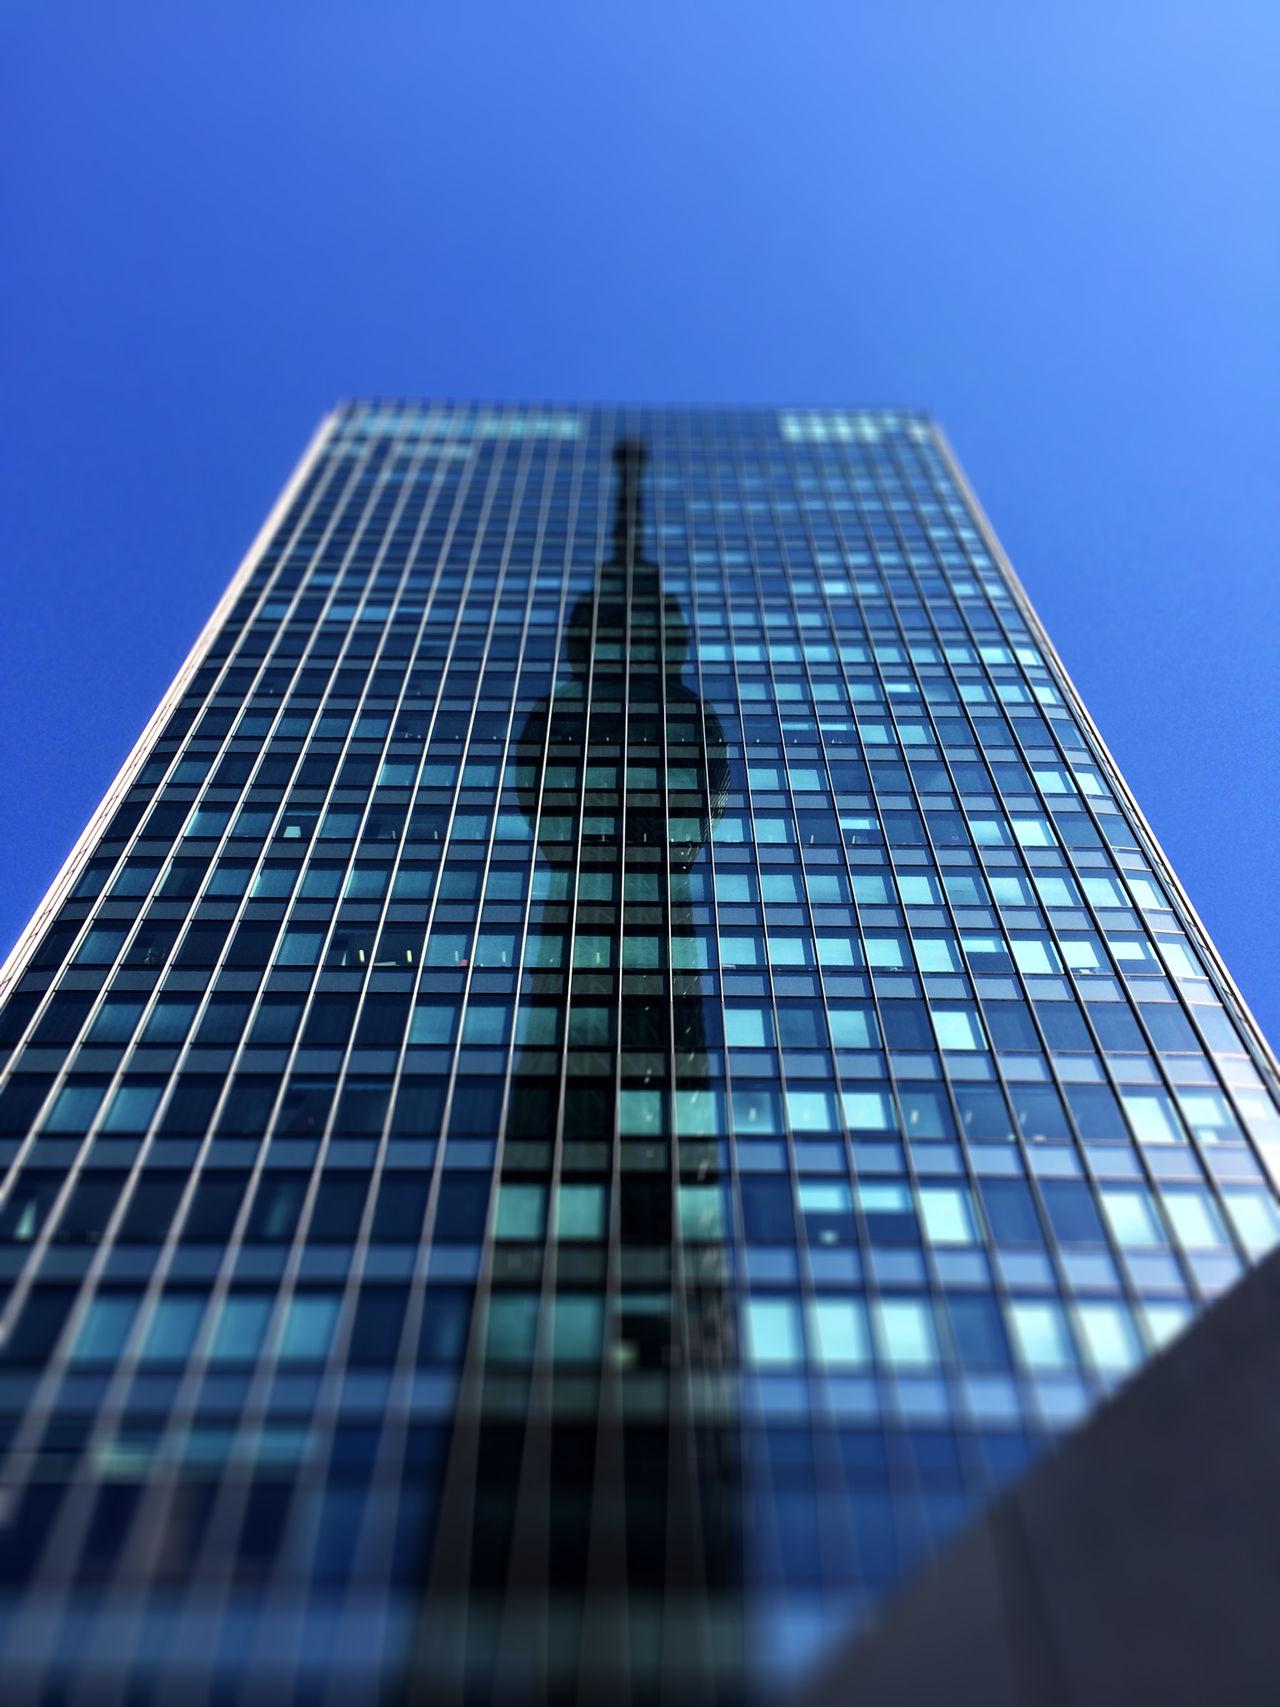 スカイツリー Tokyo Skytree を 昼 に見上げる。